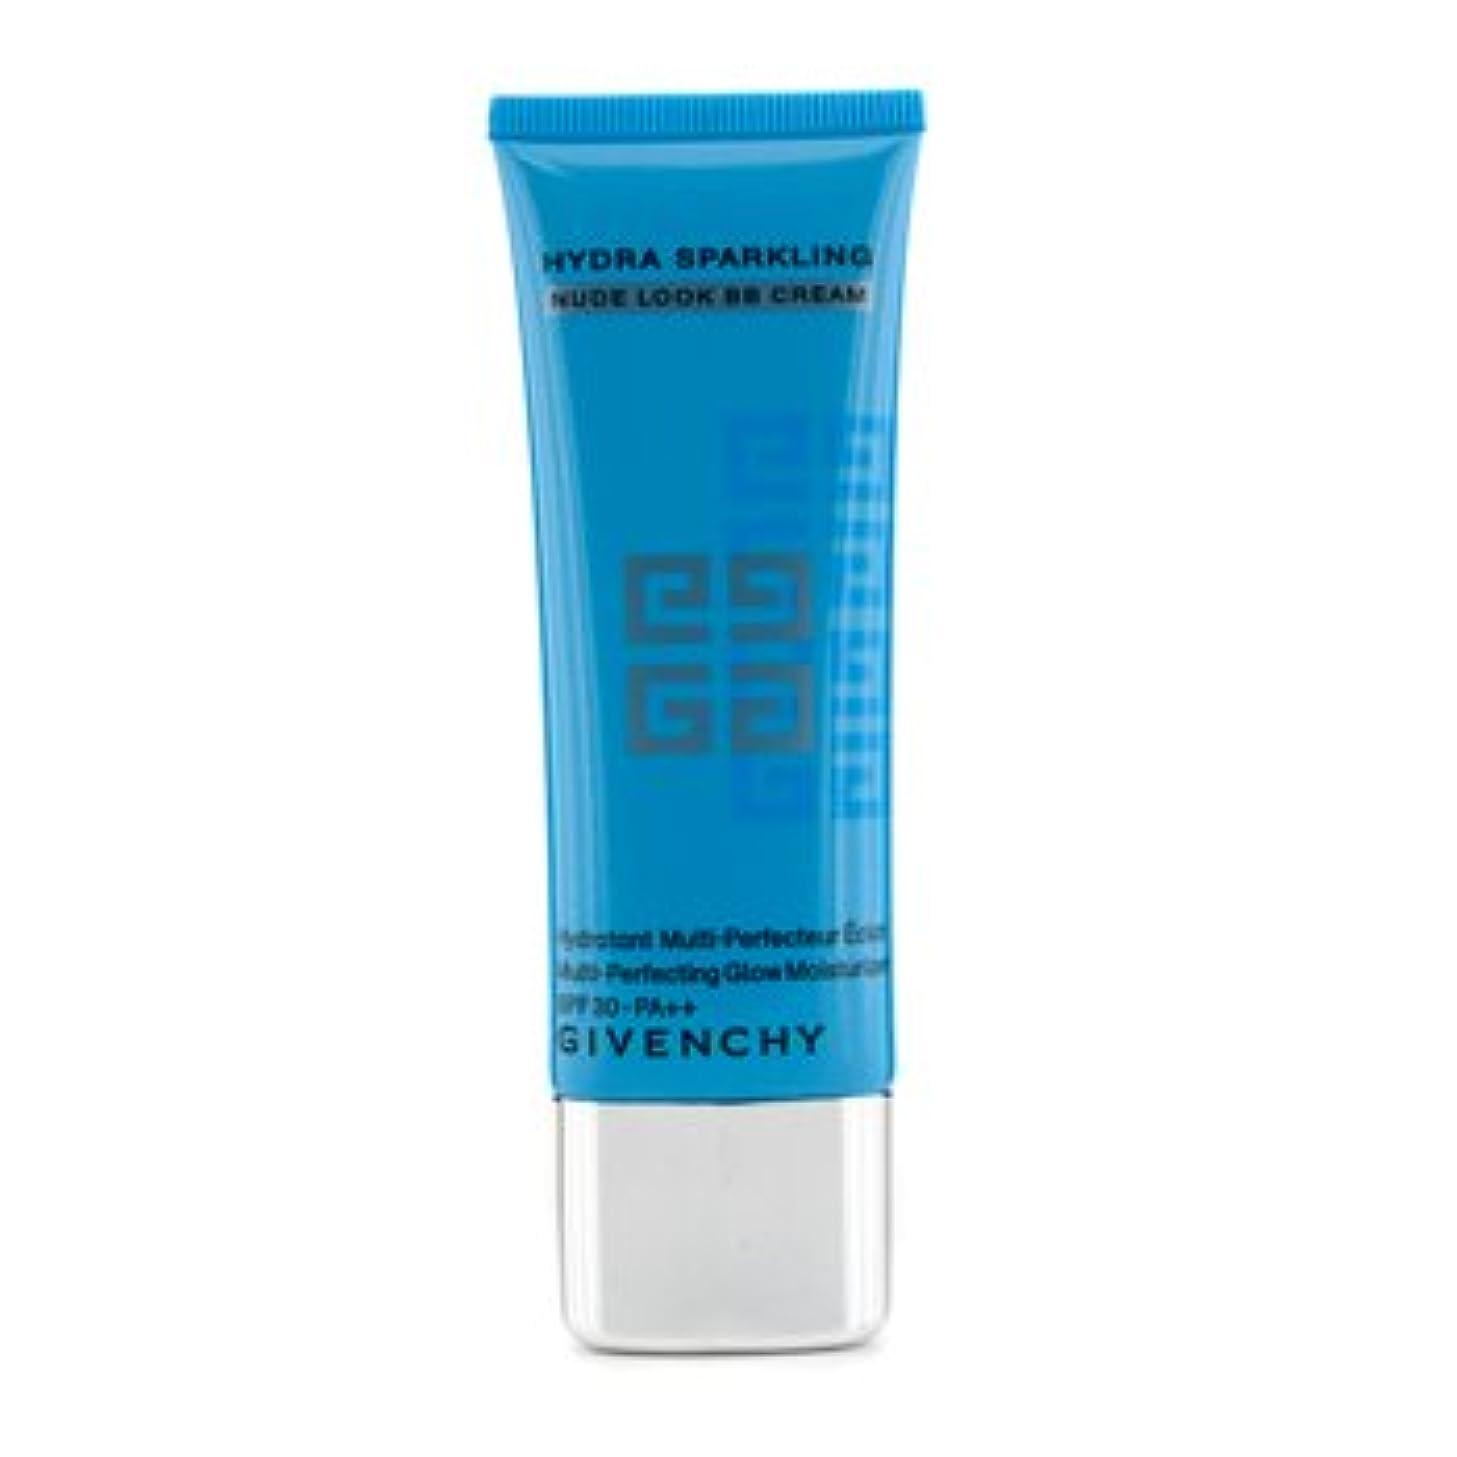 熱狂的なハーネス行う[Givenchy] Nude Look BB Cream Multi-Perfecting Glow Moisturizer SPF 30 PA++ 40ml/1.35oz